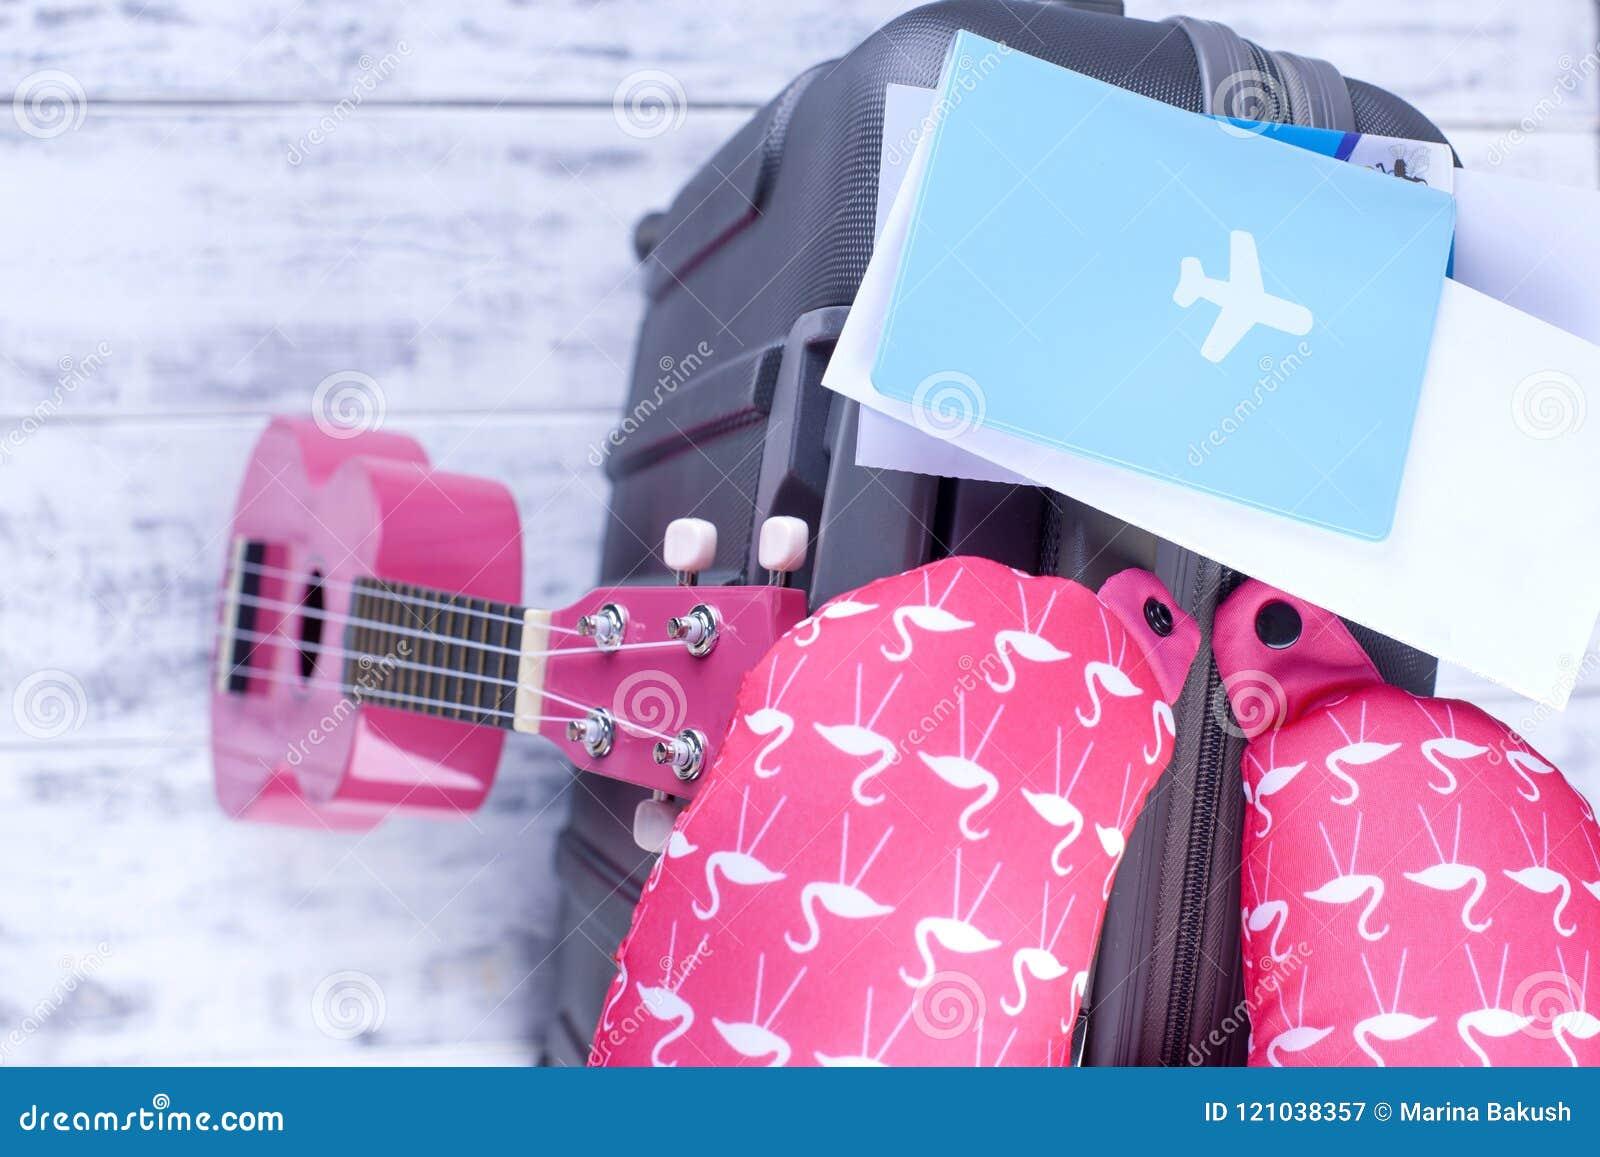 Dokument för flyg och pass, resväska på flygplatsen En tur på semester med en gitarr kopiera avstånd